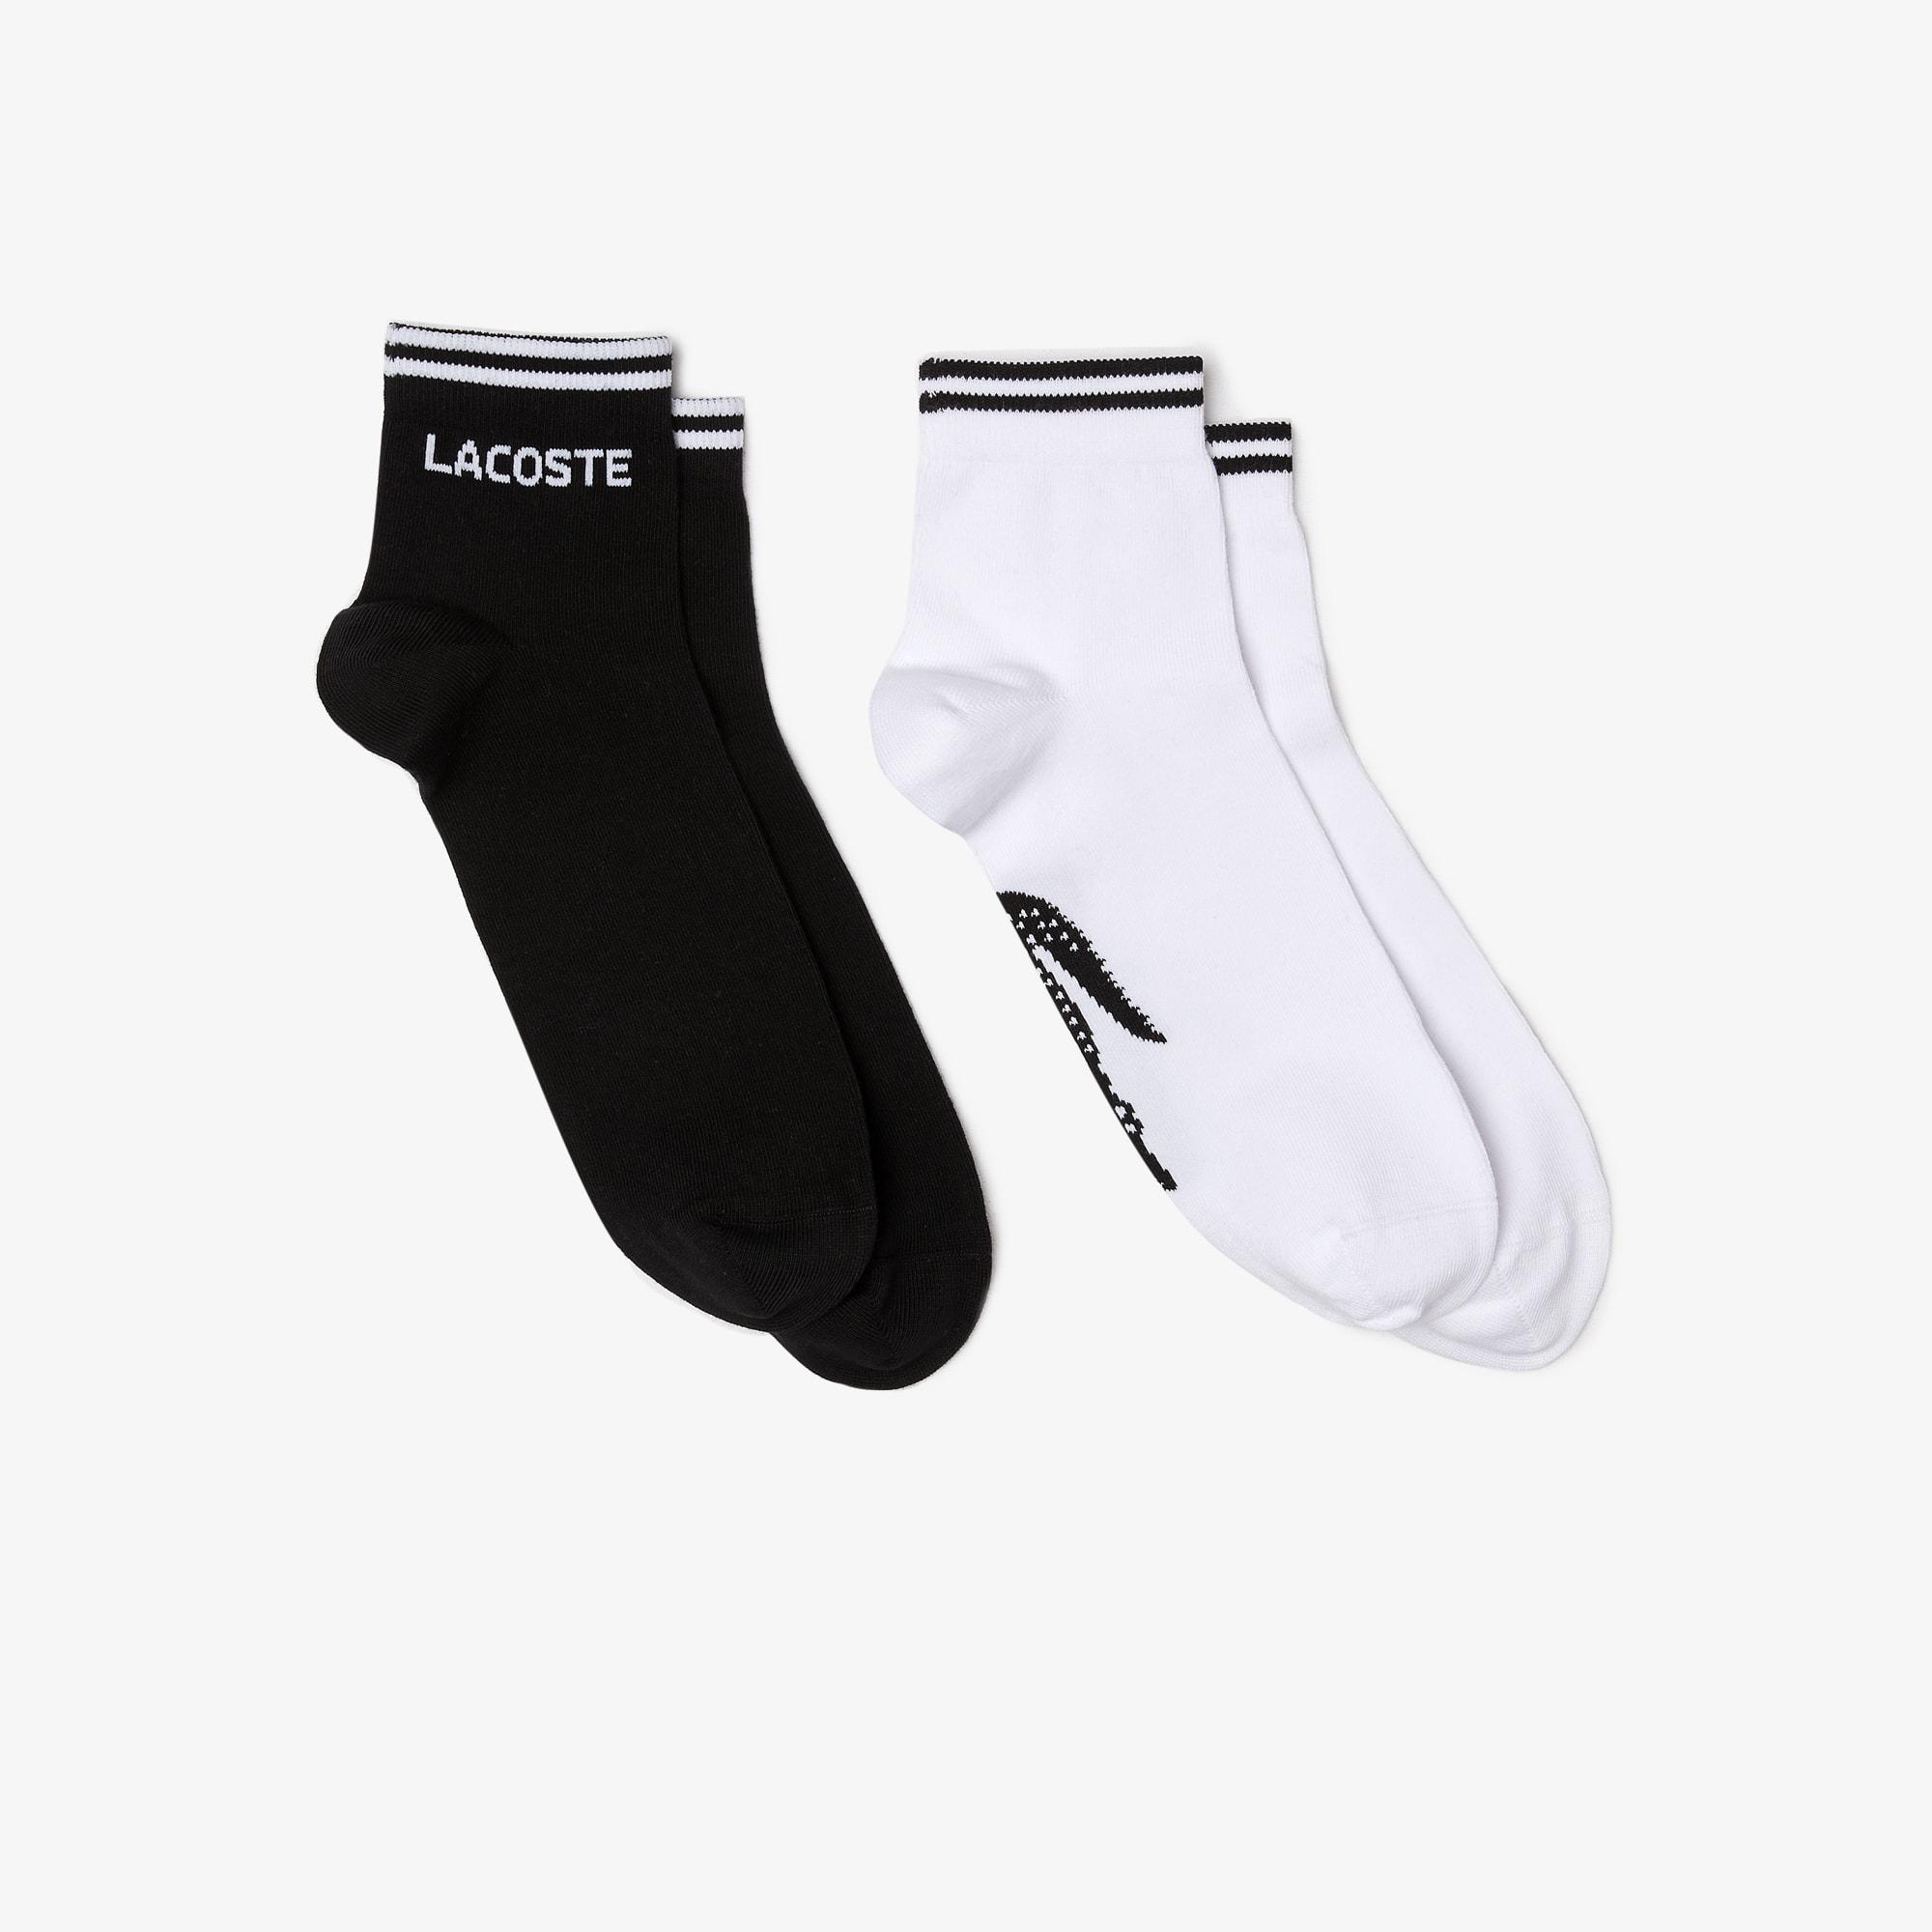 Lote de dos pares de calcetines bajos Lacoste Tennis de punto jersey jacquard